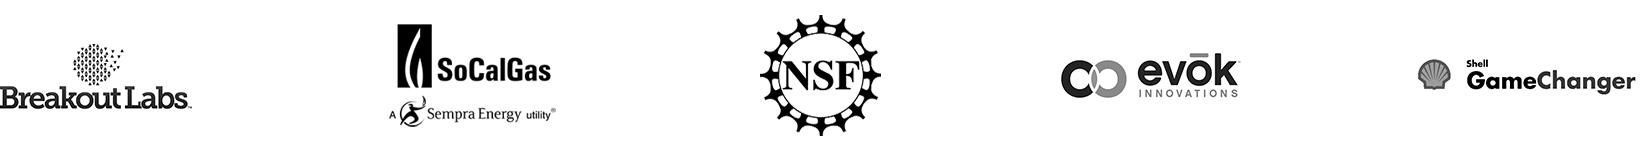 logo-bar-2.jpg